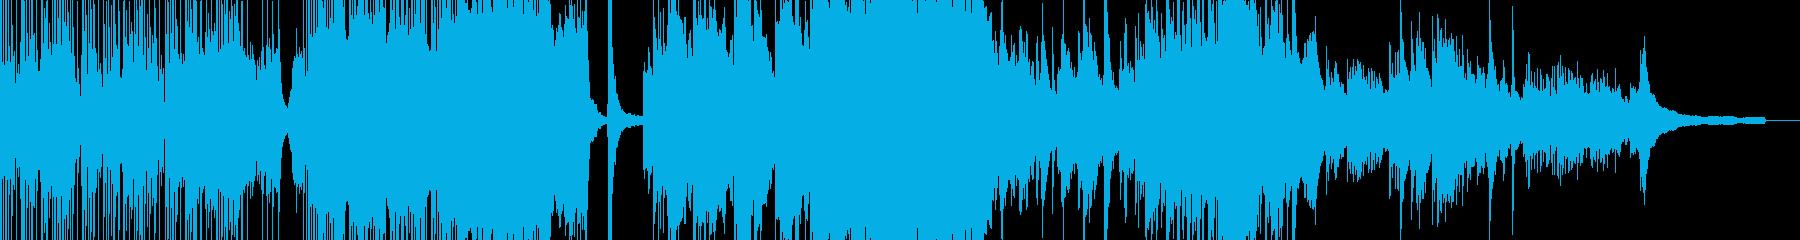 和楽器の壮大な和風バラードの再生済みの波形